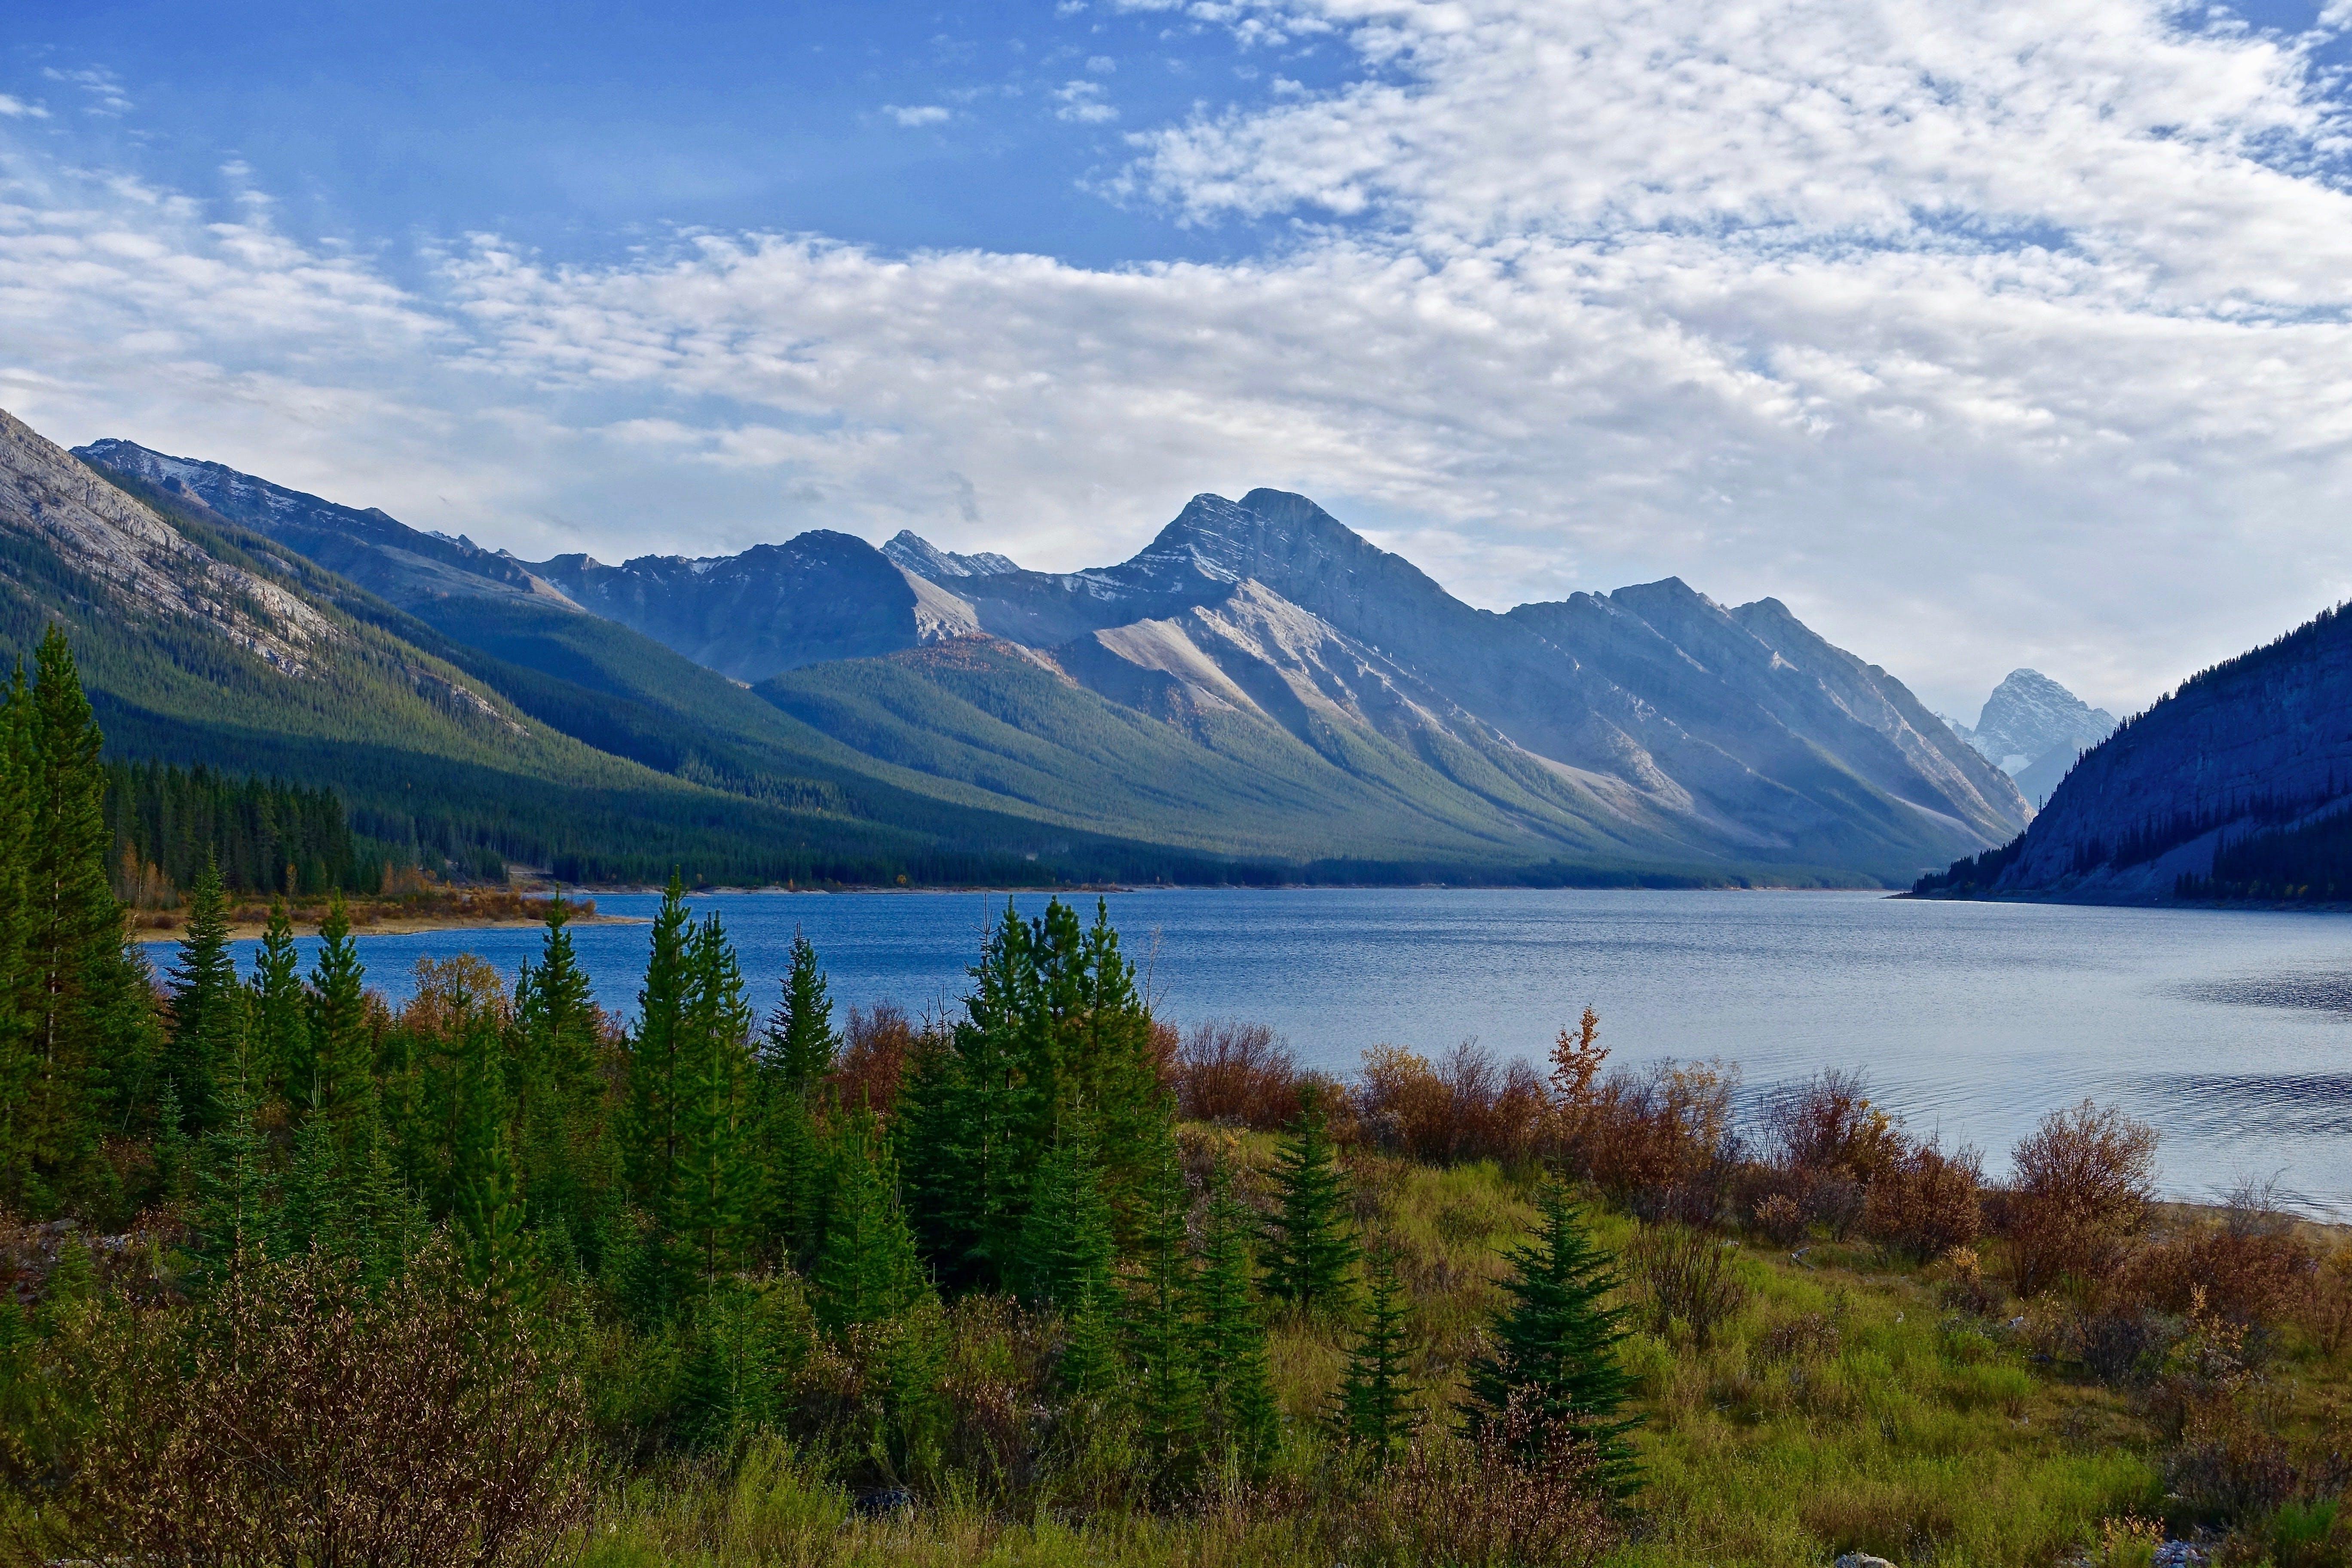 冷靜, 天性, 山, 景觀 的 免費圖庫相片